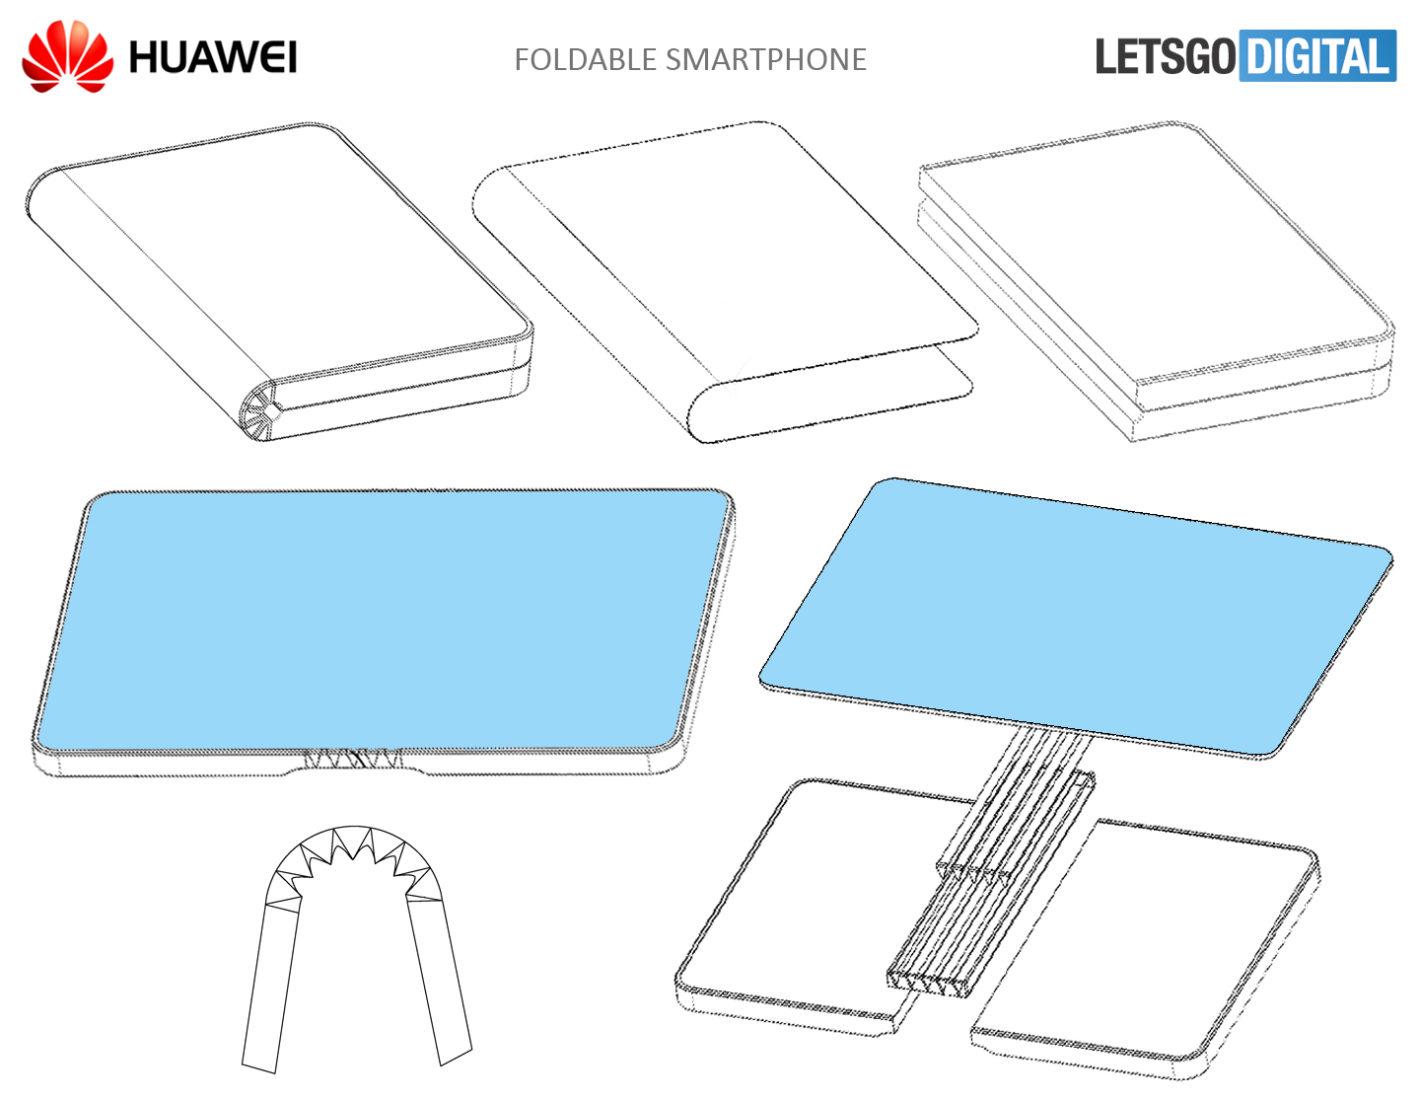 Huawei хочет первой показать гибкий смартфон